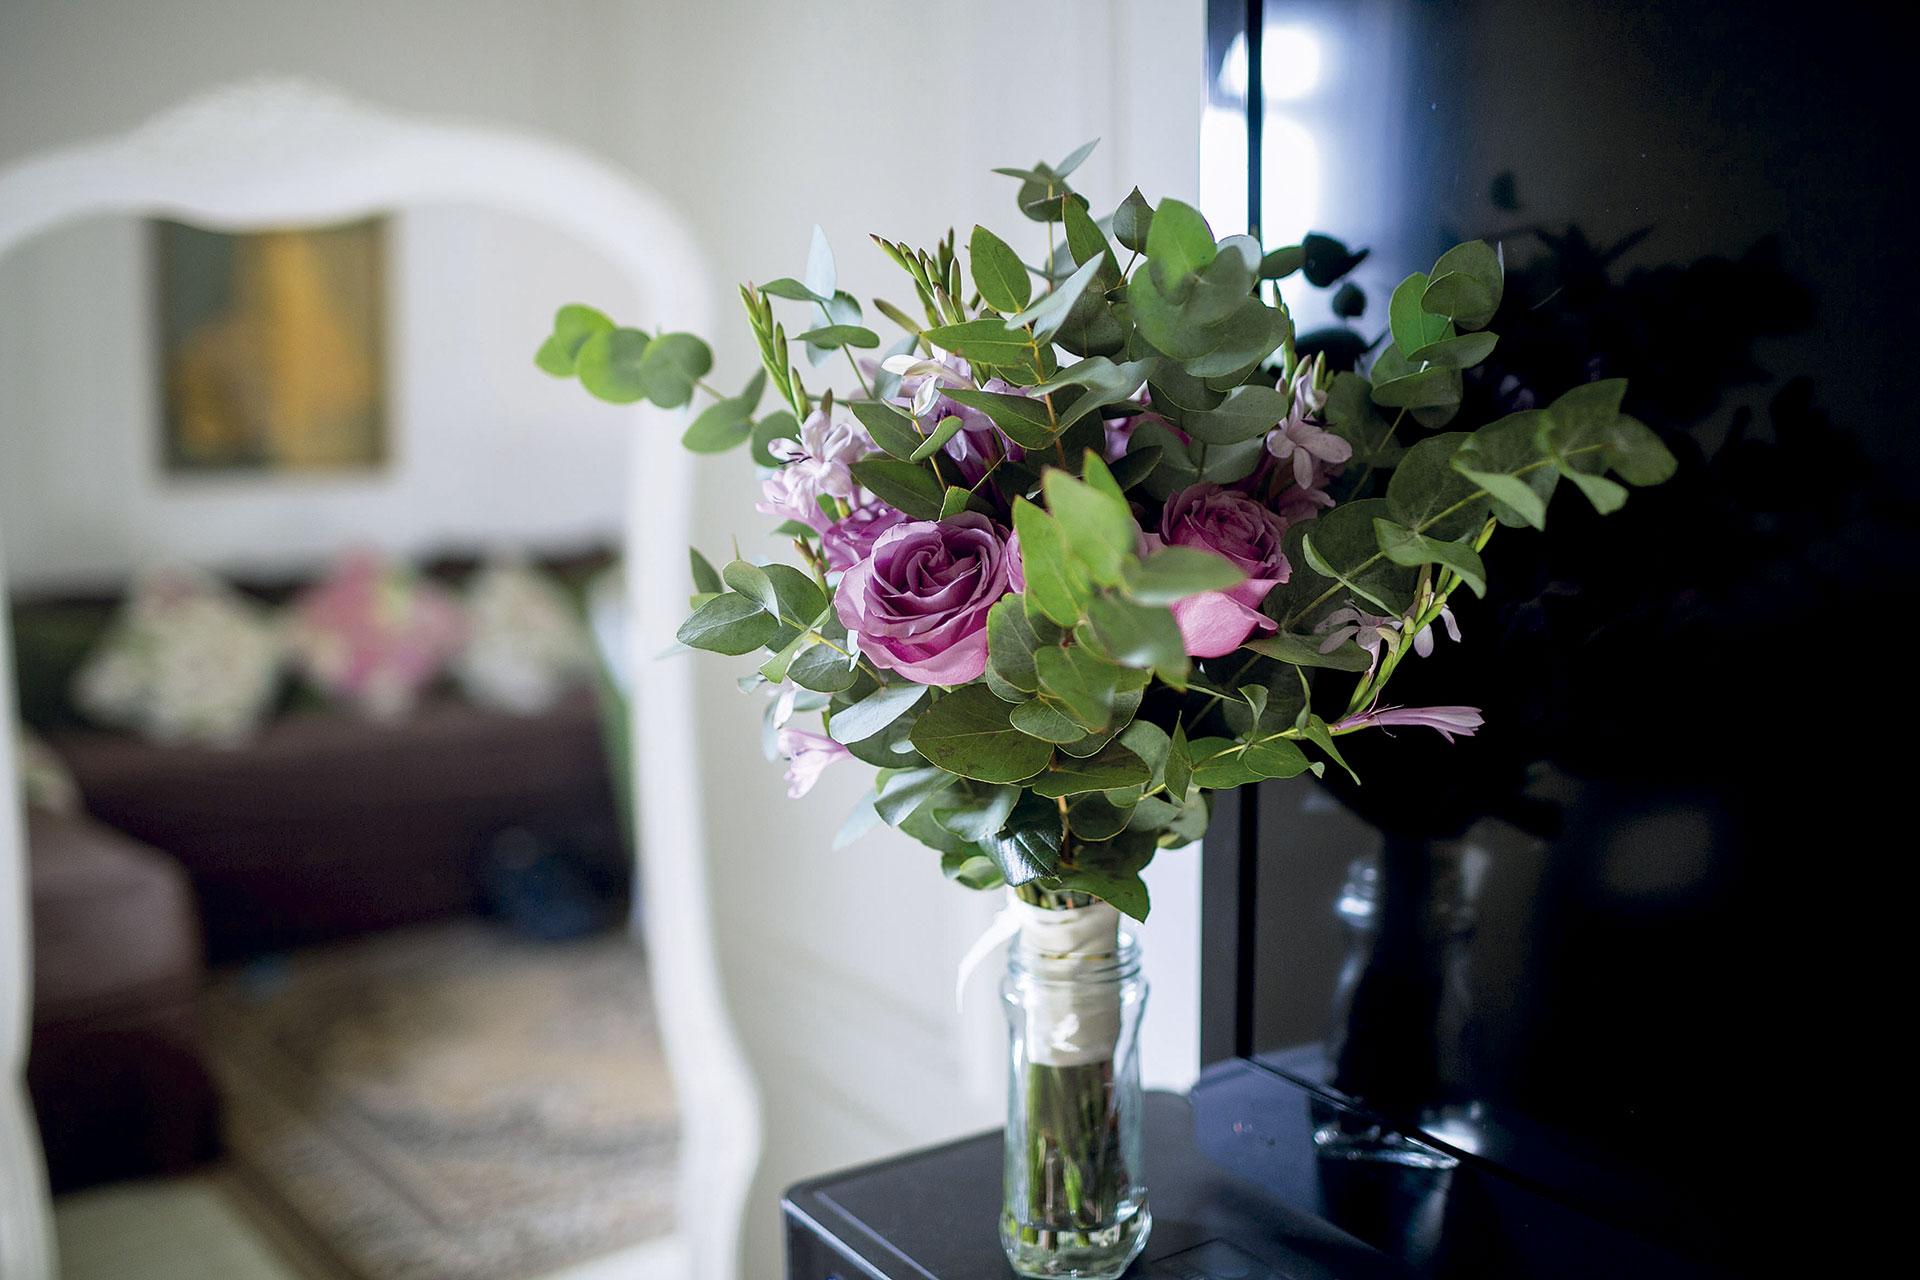 Simpleza chic: el ramo, con rosas, flores silvestres y hojas de eucaliptus.